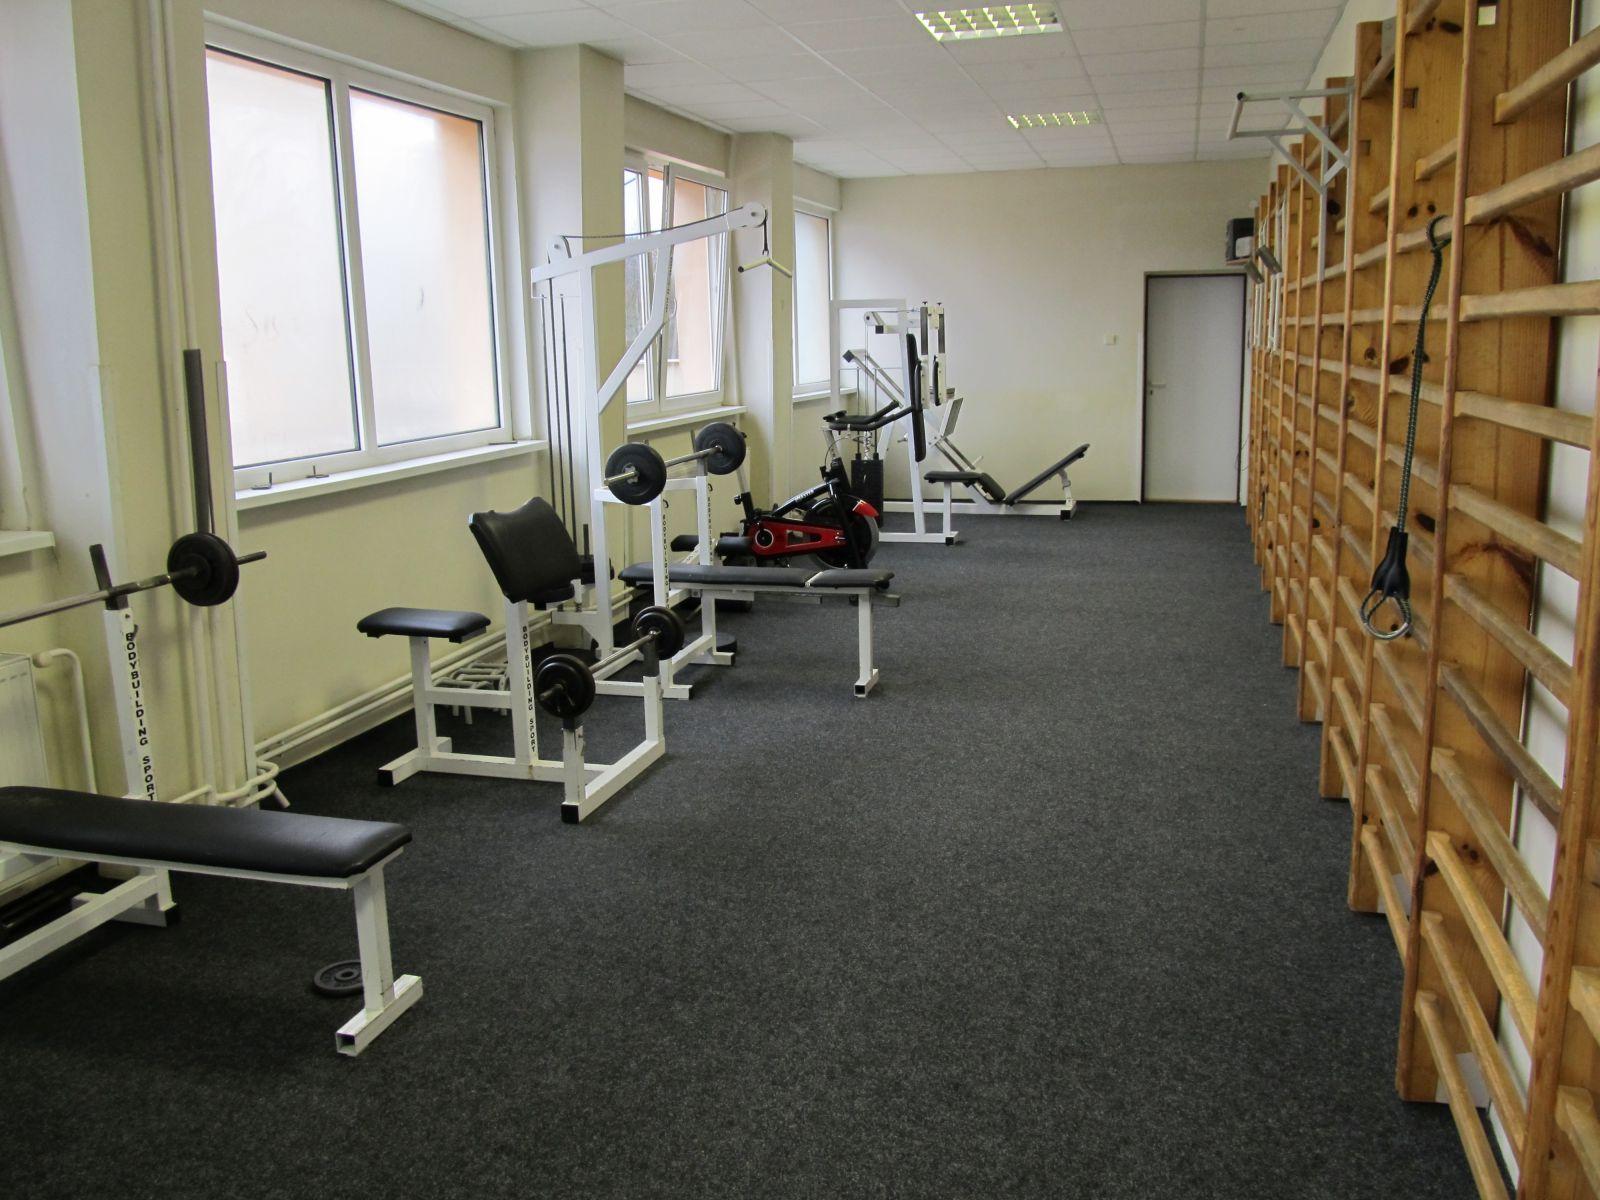 74fcd42c1 Telovýchovné priestory – telocvičňa a posilňovňa, slúžia na výučbu povinnej  telesnej výchovy a záujmovú telovýchovnú činnosť. Značná časť hodín je  vymedzená ...